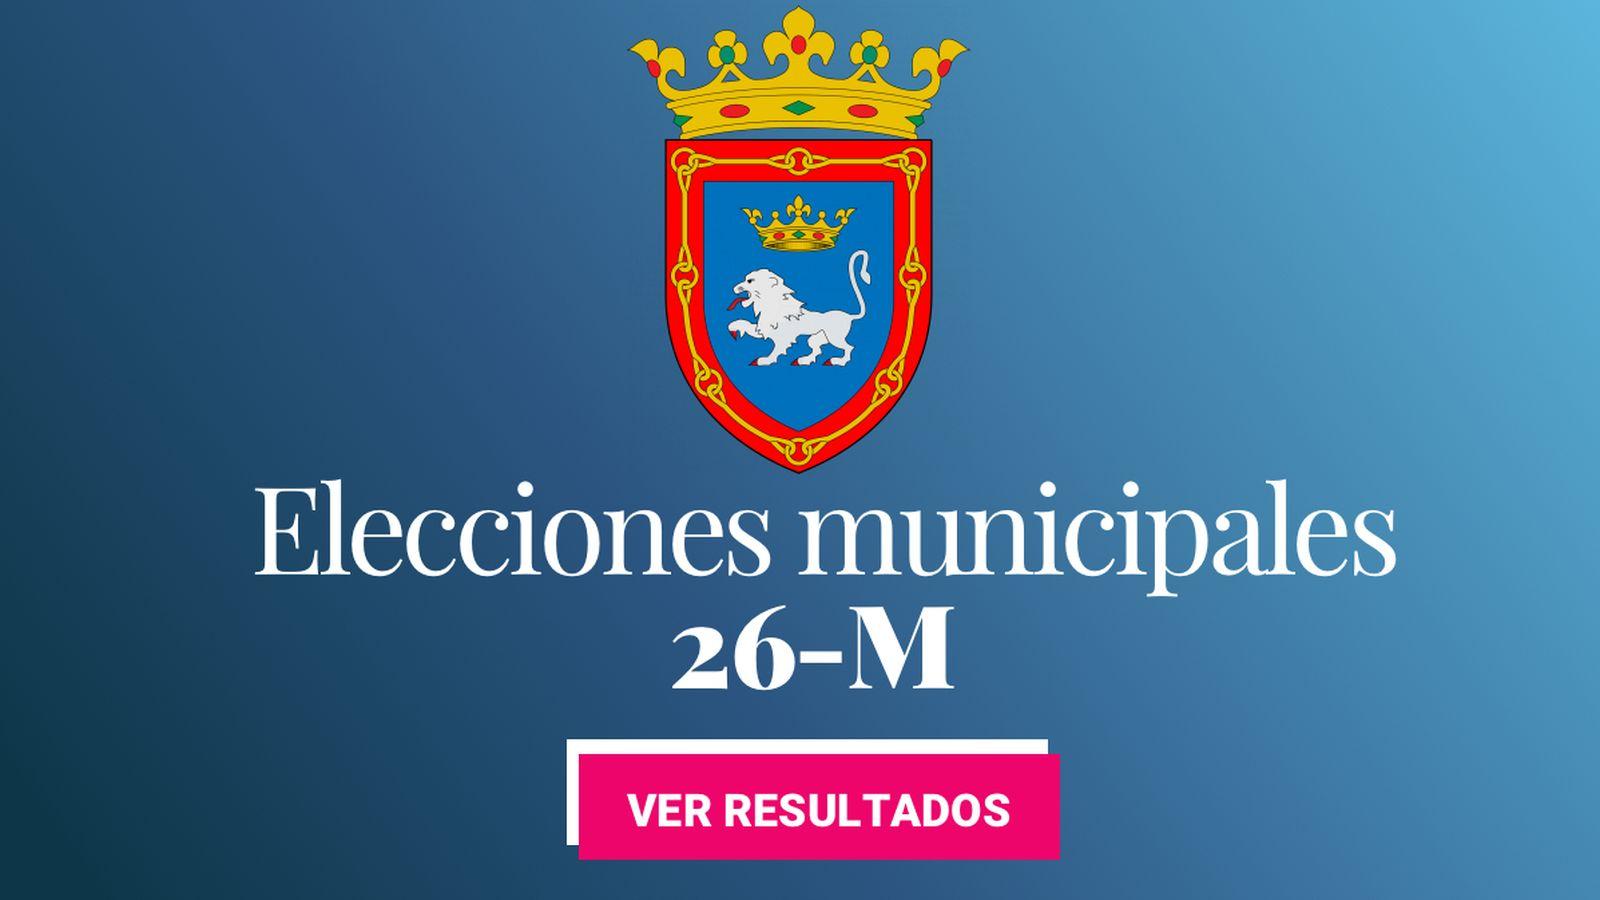 Foto: Elecciones municipales 2019 en Pamplona. (C.C./EC)